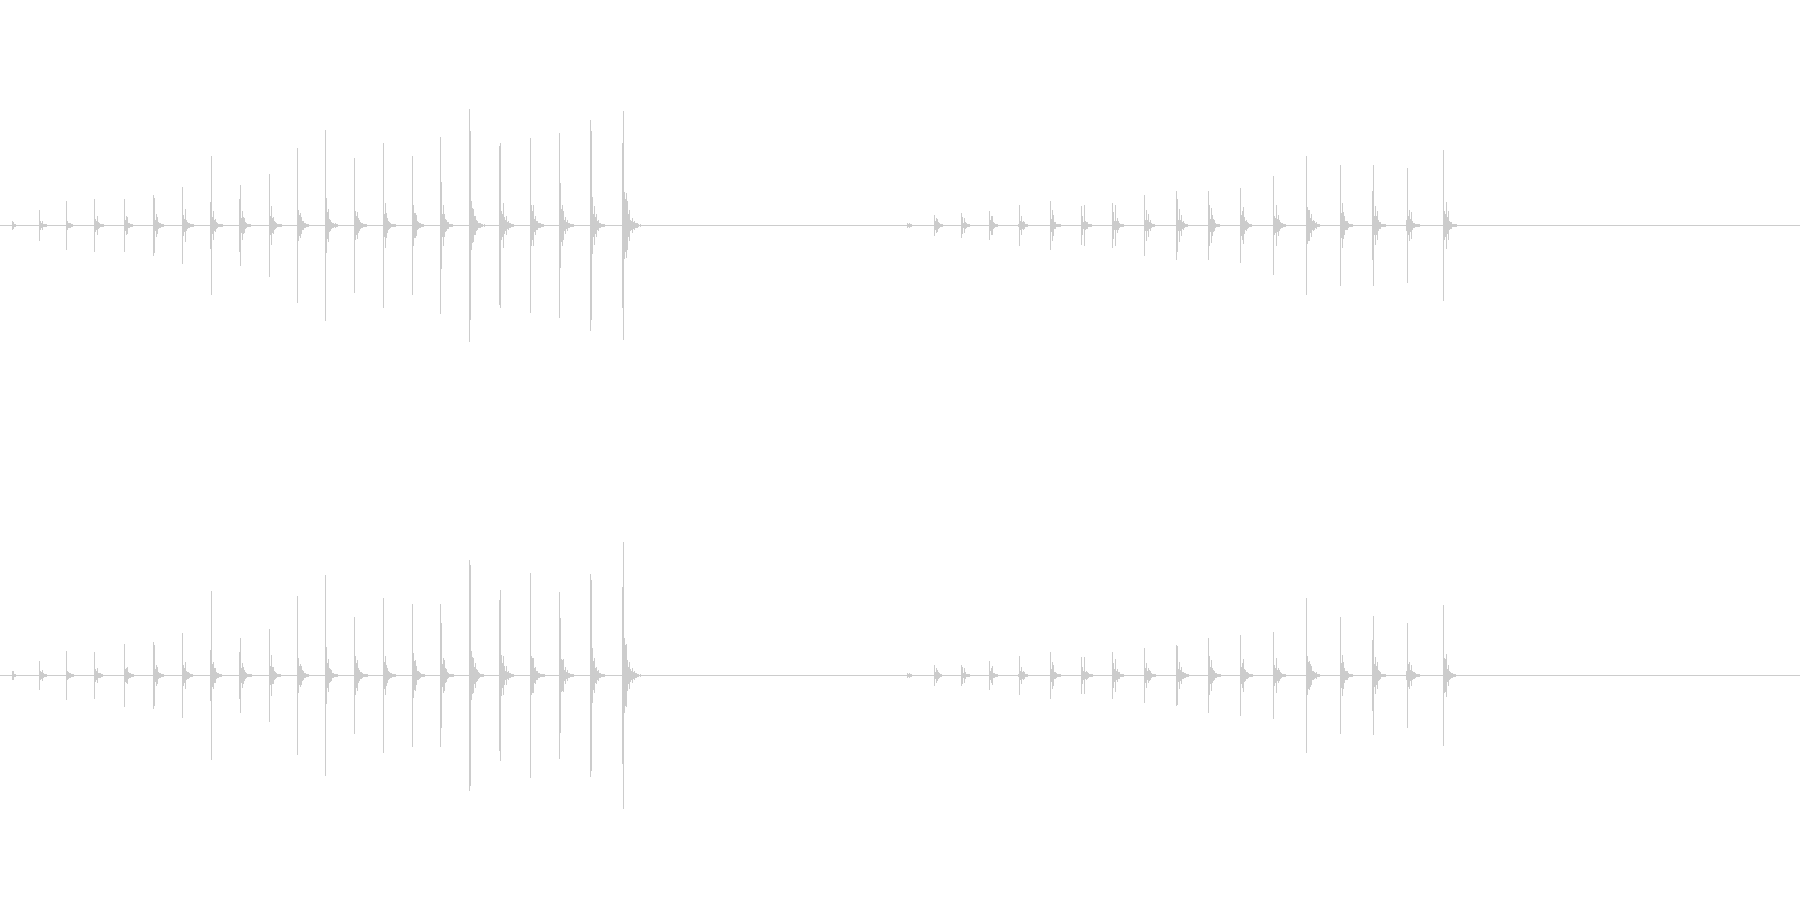 ハンマーネイル、4; DIGIFF...の未再生の波形